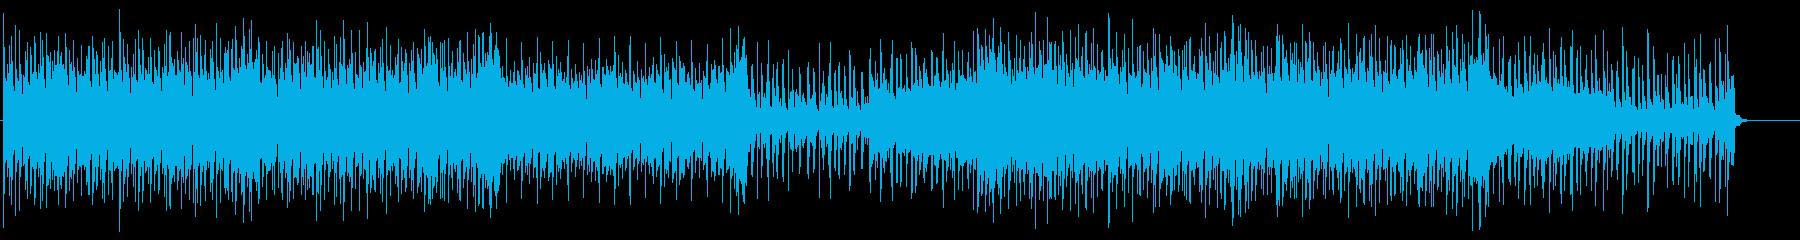 明るいトロピカルEDM 動画BGMの再生済みの波形